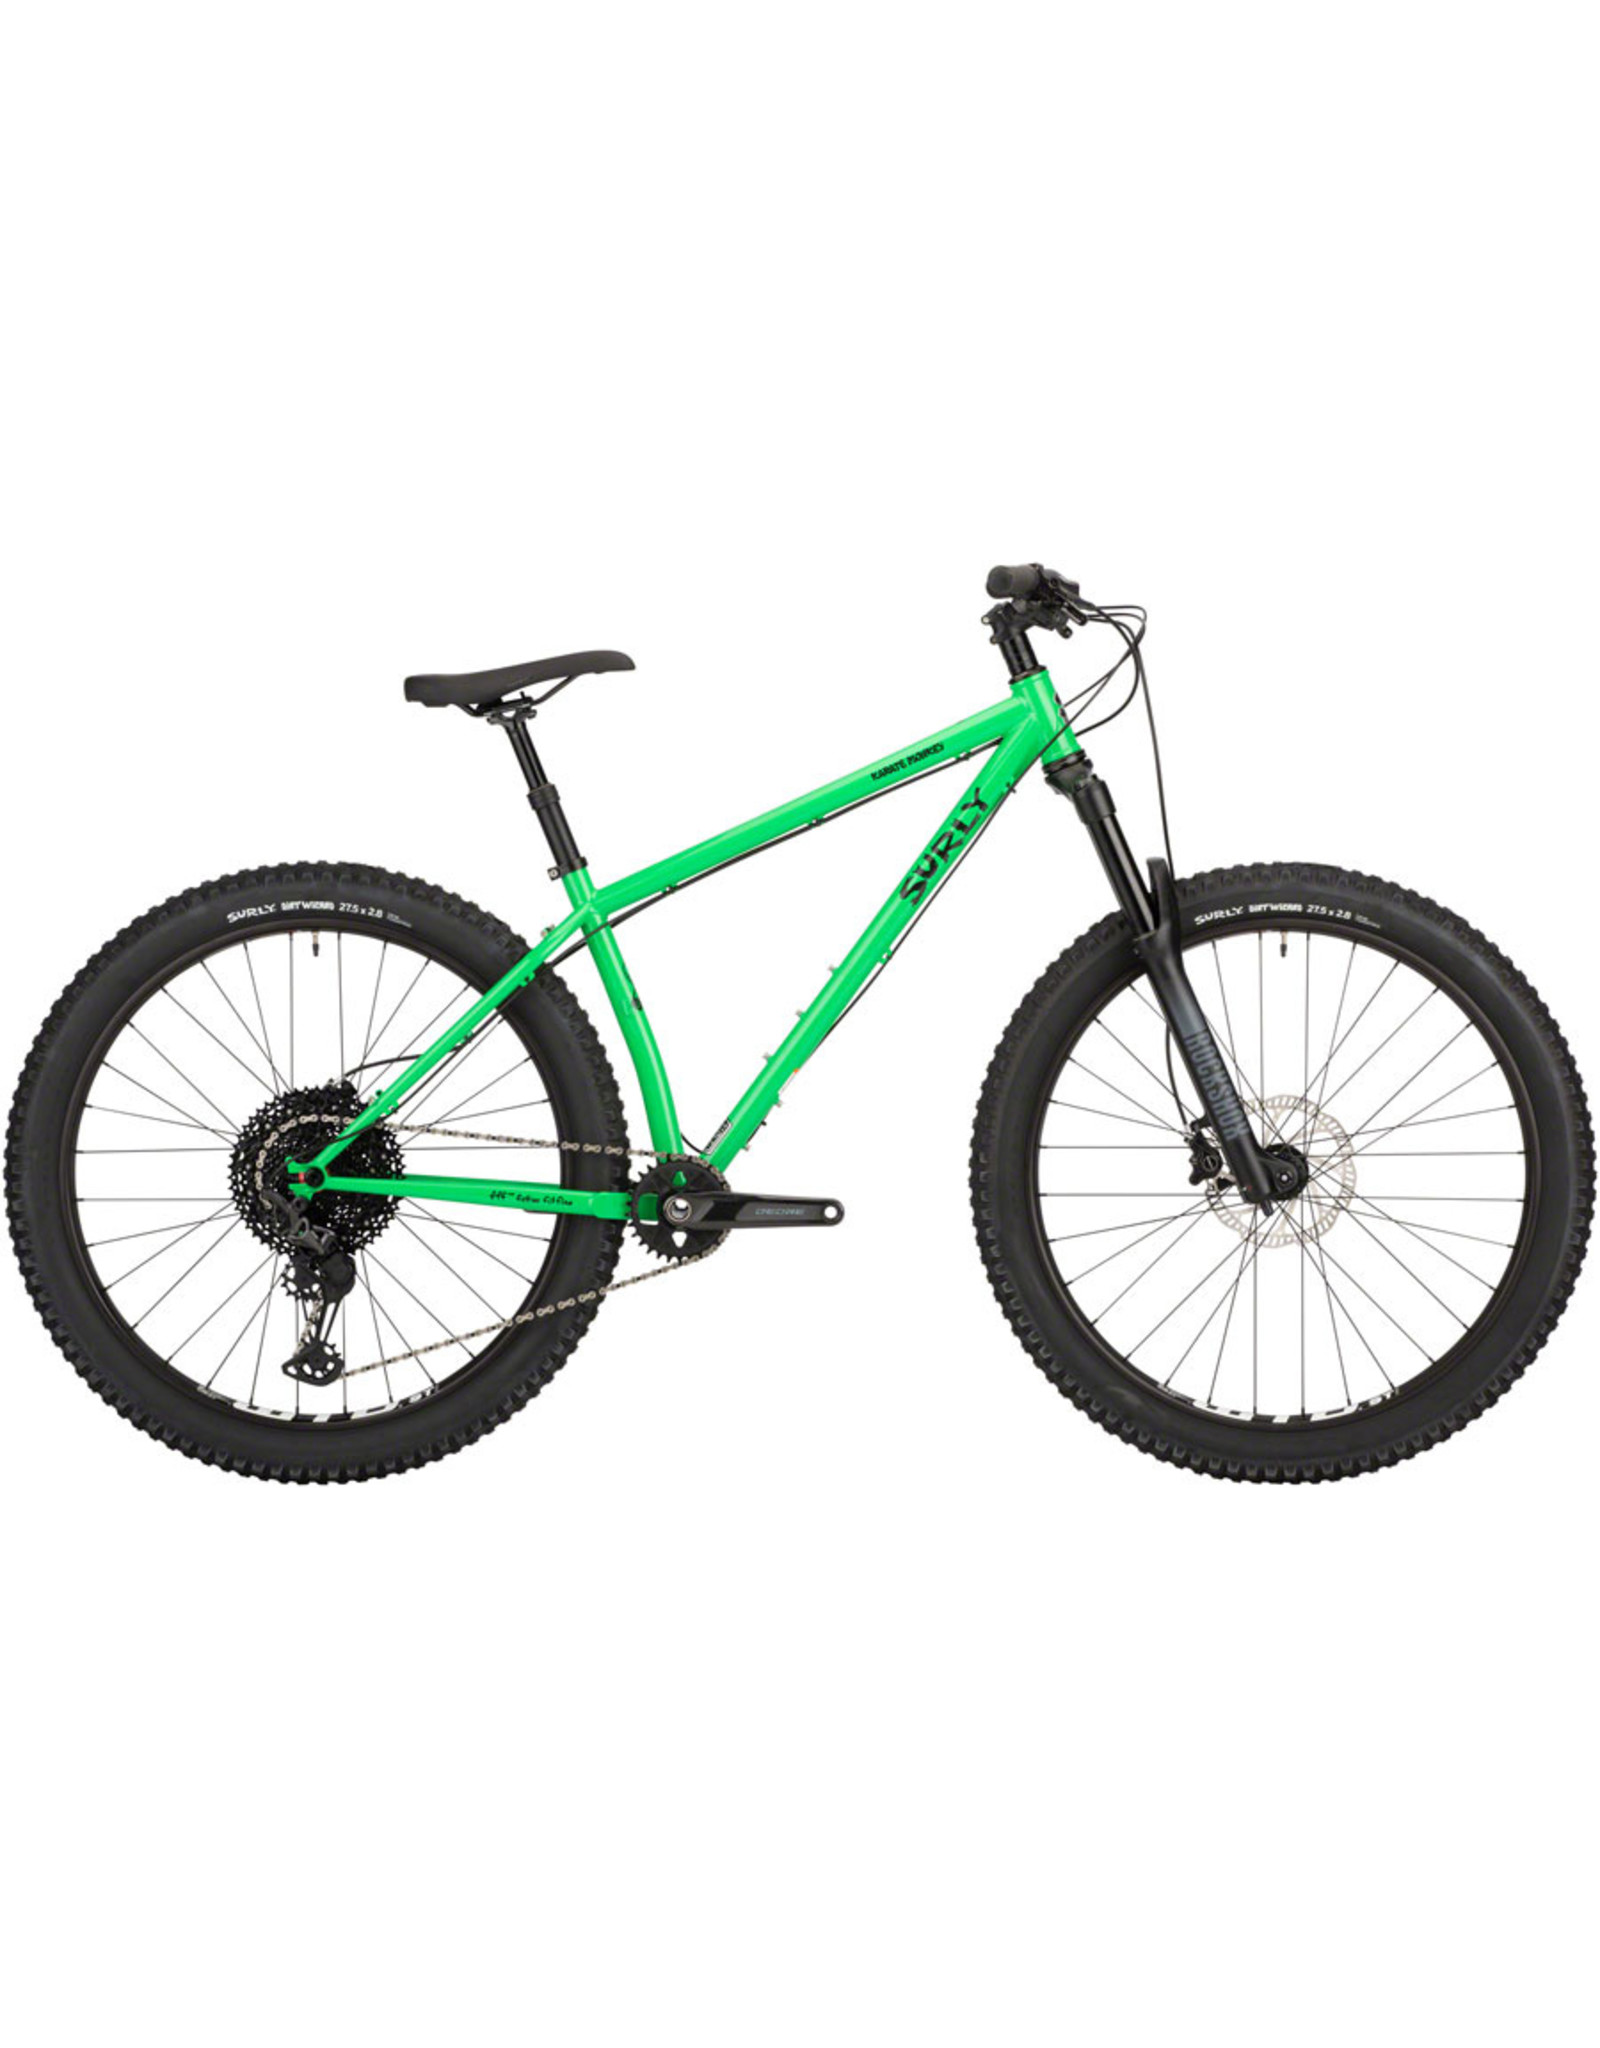 """Surly Surly Karate Monkey Front Suspension Bike - 27.5"""", Steel, High Fiber Green"""